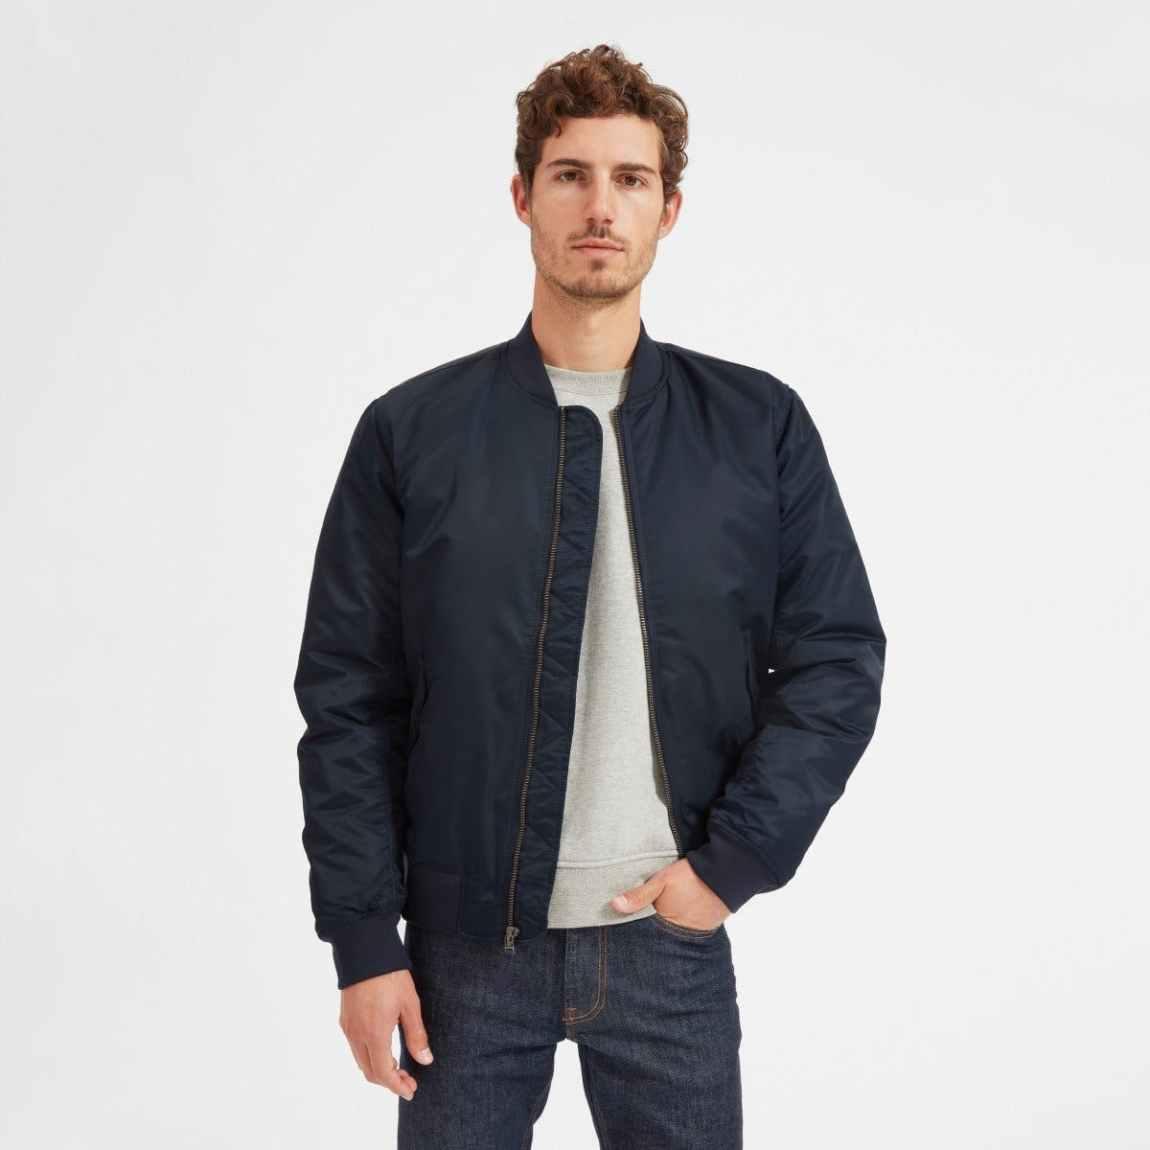 everlane, everlane jacket, bomber jacket, nylon jacket, flight jacket, navy jacket, denimblog, denim blog